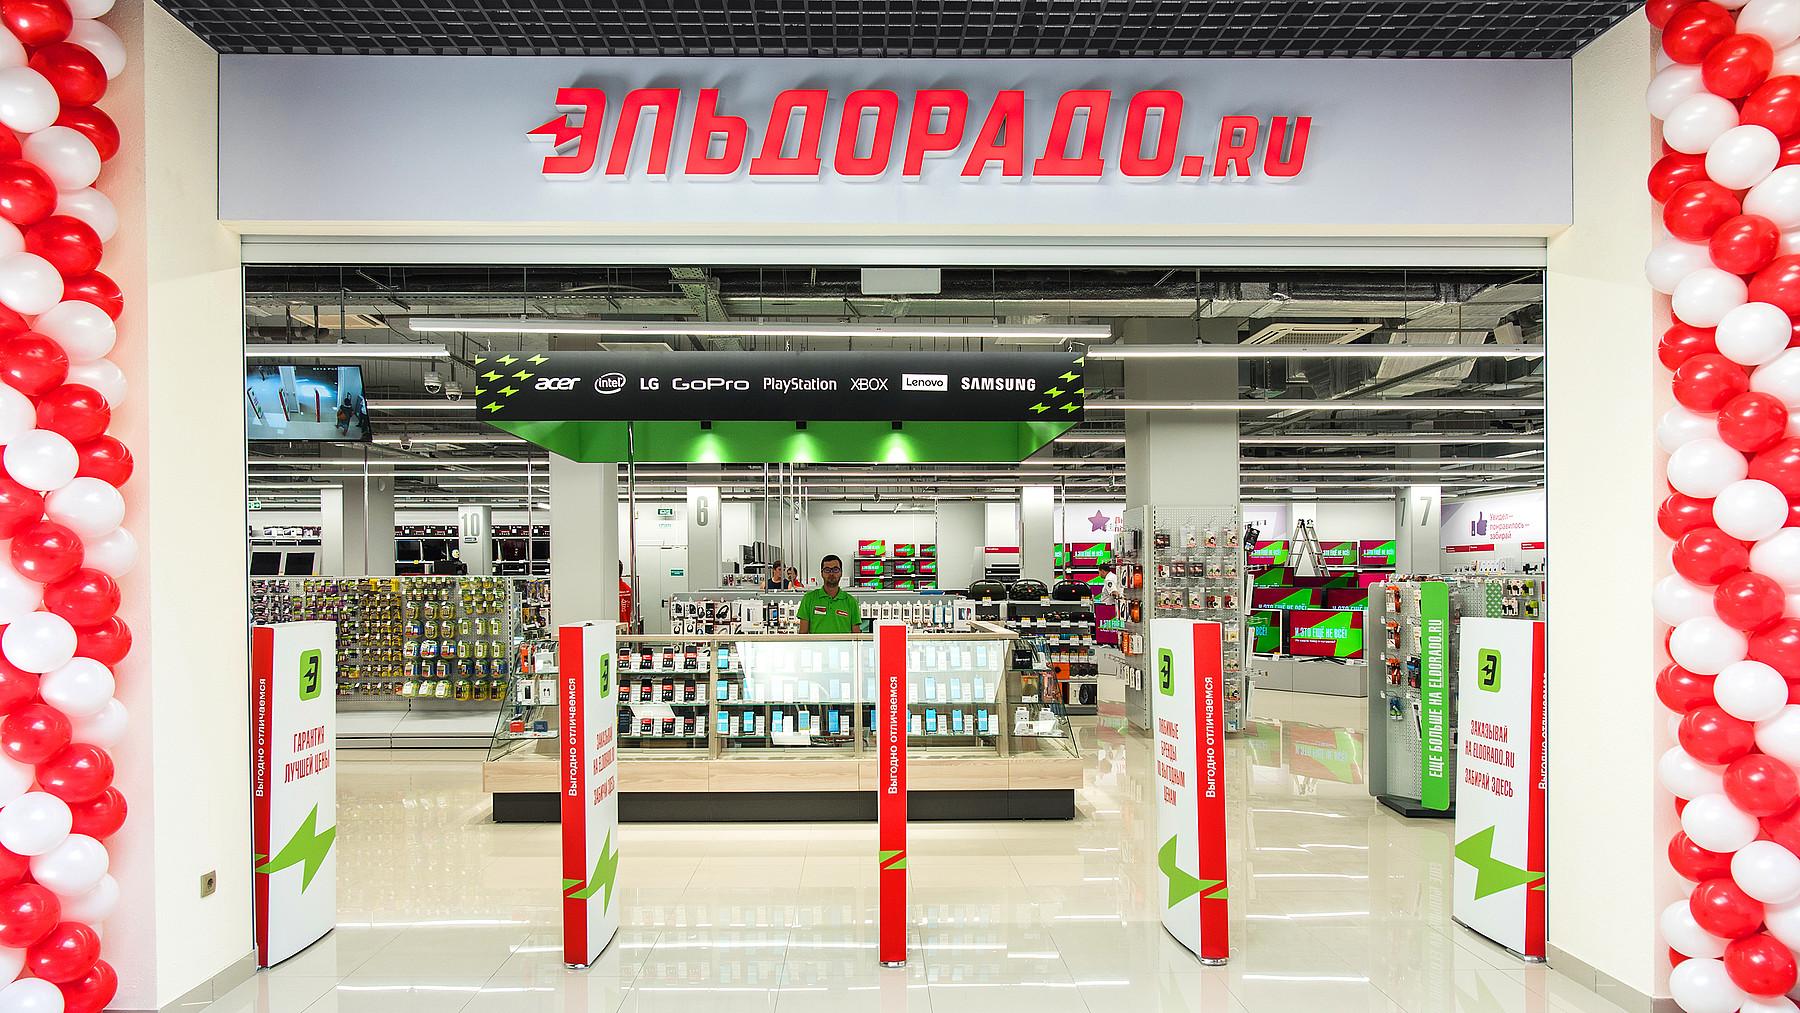 Торговая сеть магазинов Эльдорадо